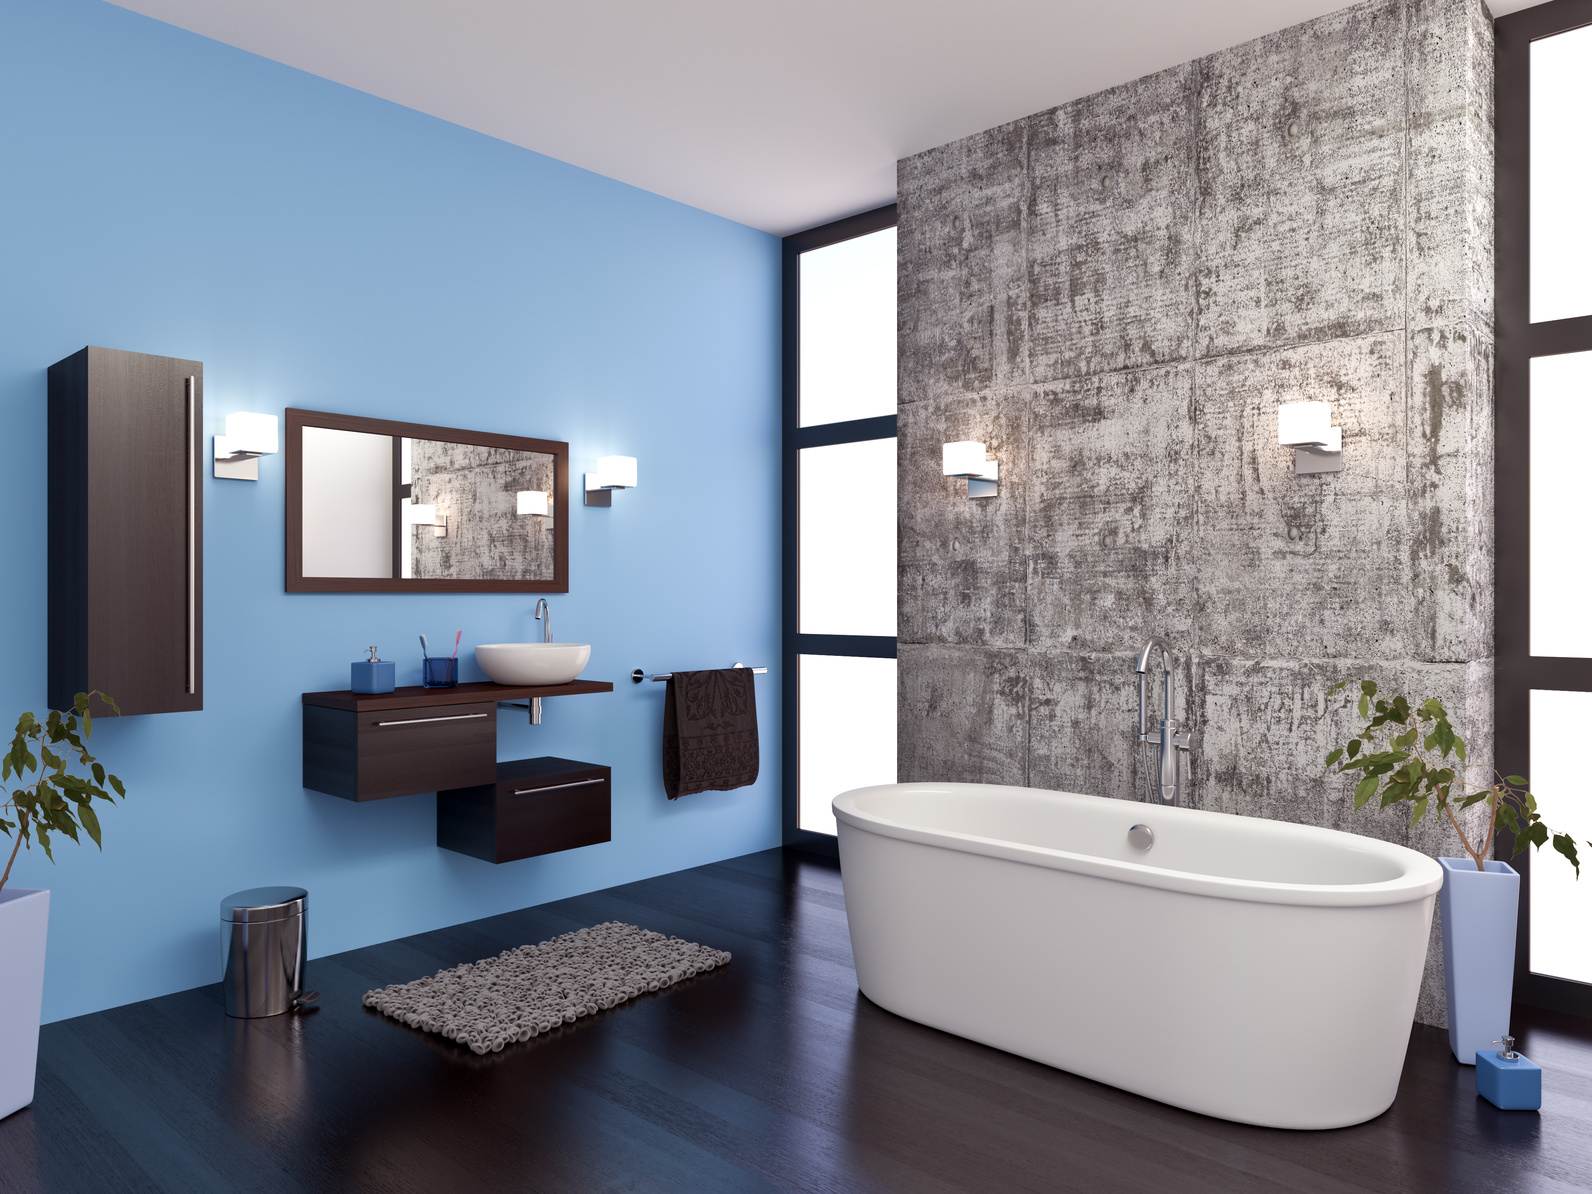 Peinture salle de bain tous les conseils en peinture et couleur - Couleur salle de bain ...